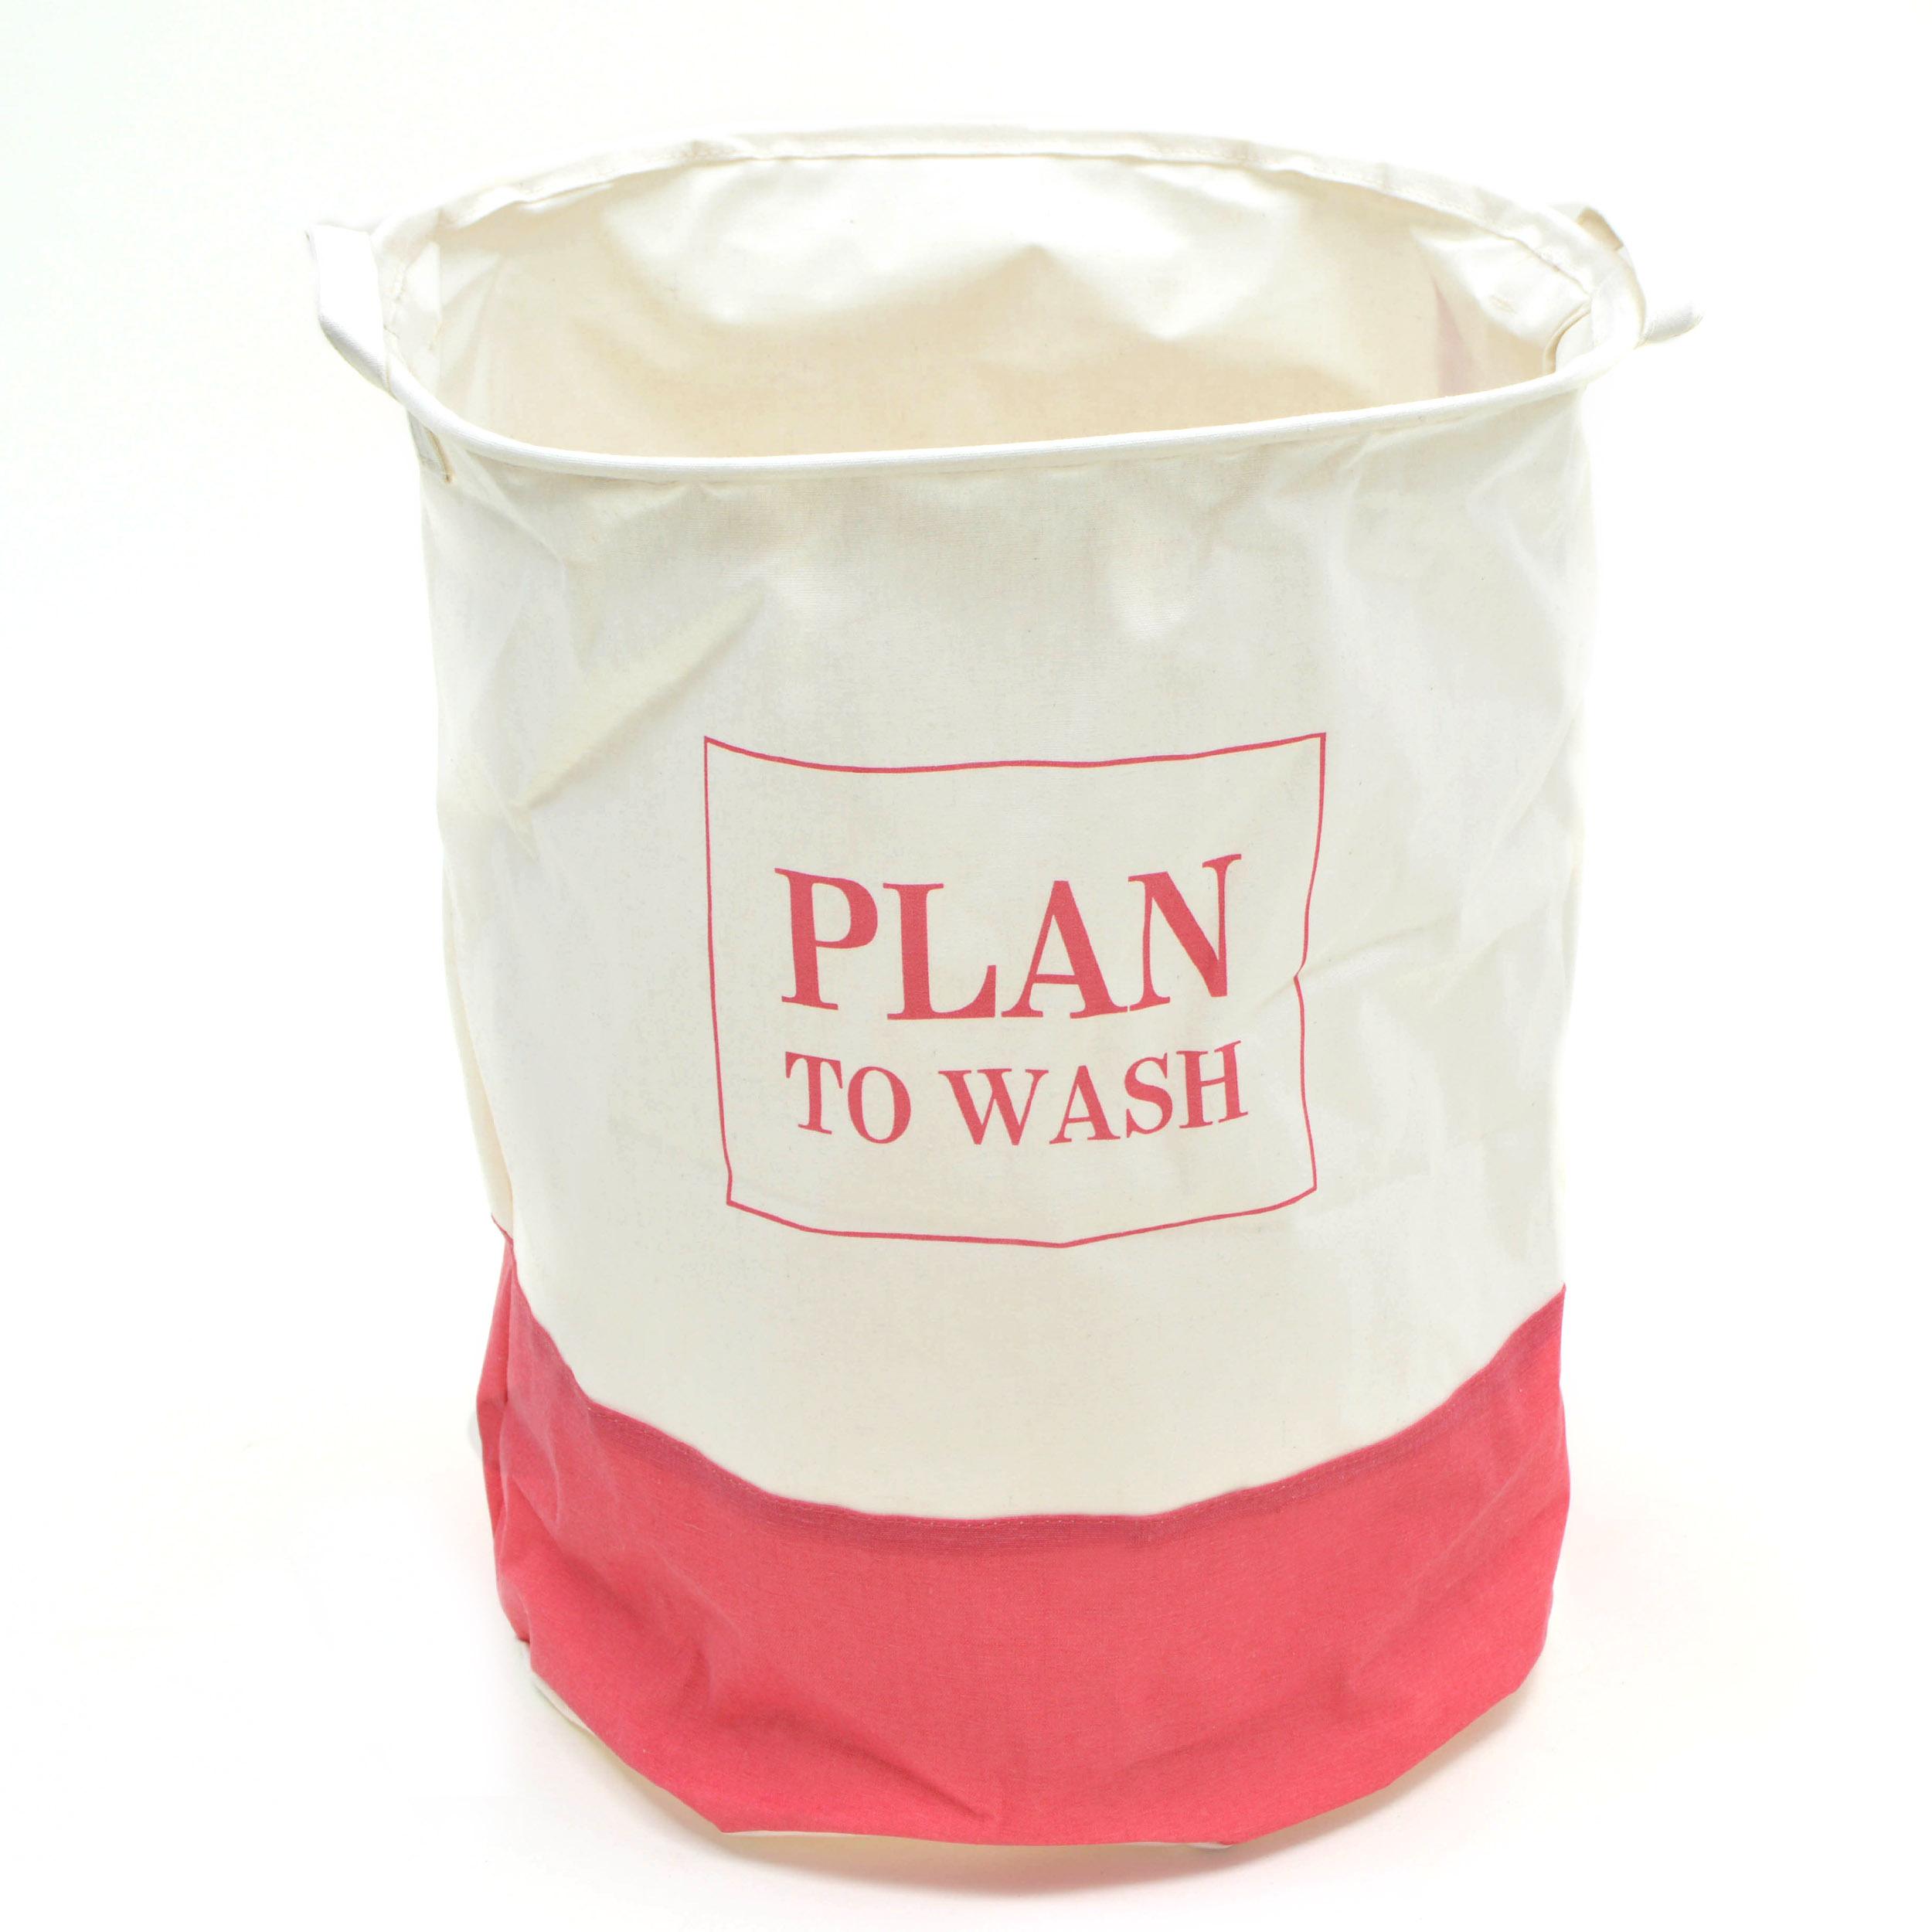 SV131-P Pink Papaya Wäschesack Wäschekorb H:50 x Ø 40 cm Plan to wash PINK